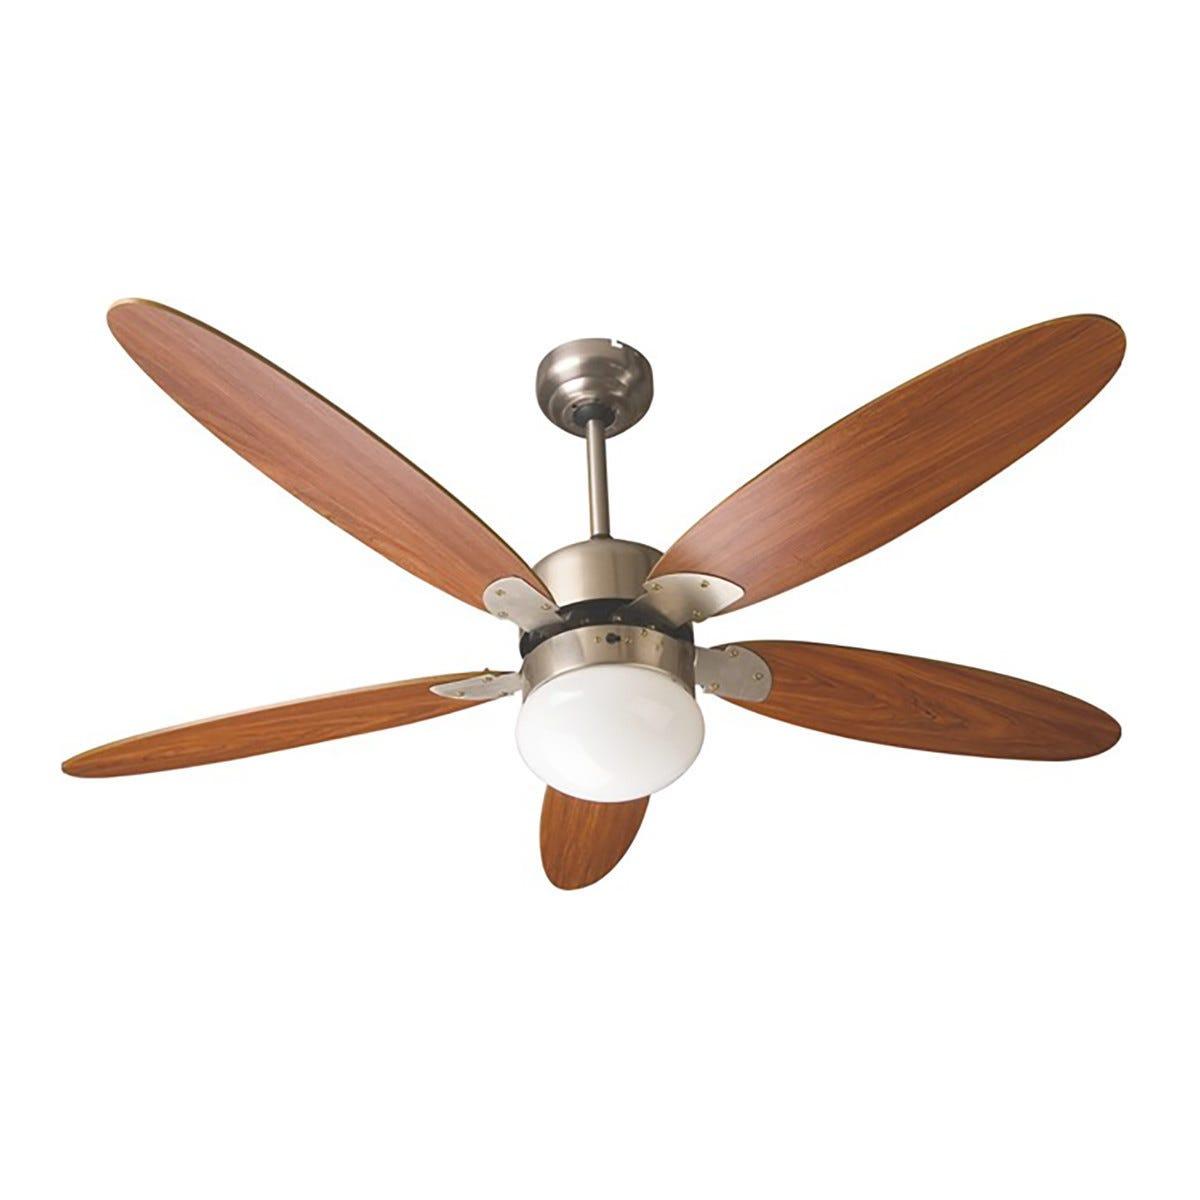 Ventilatori A Soffitto Bricoman